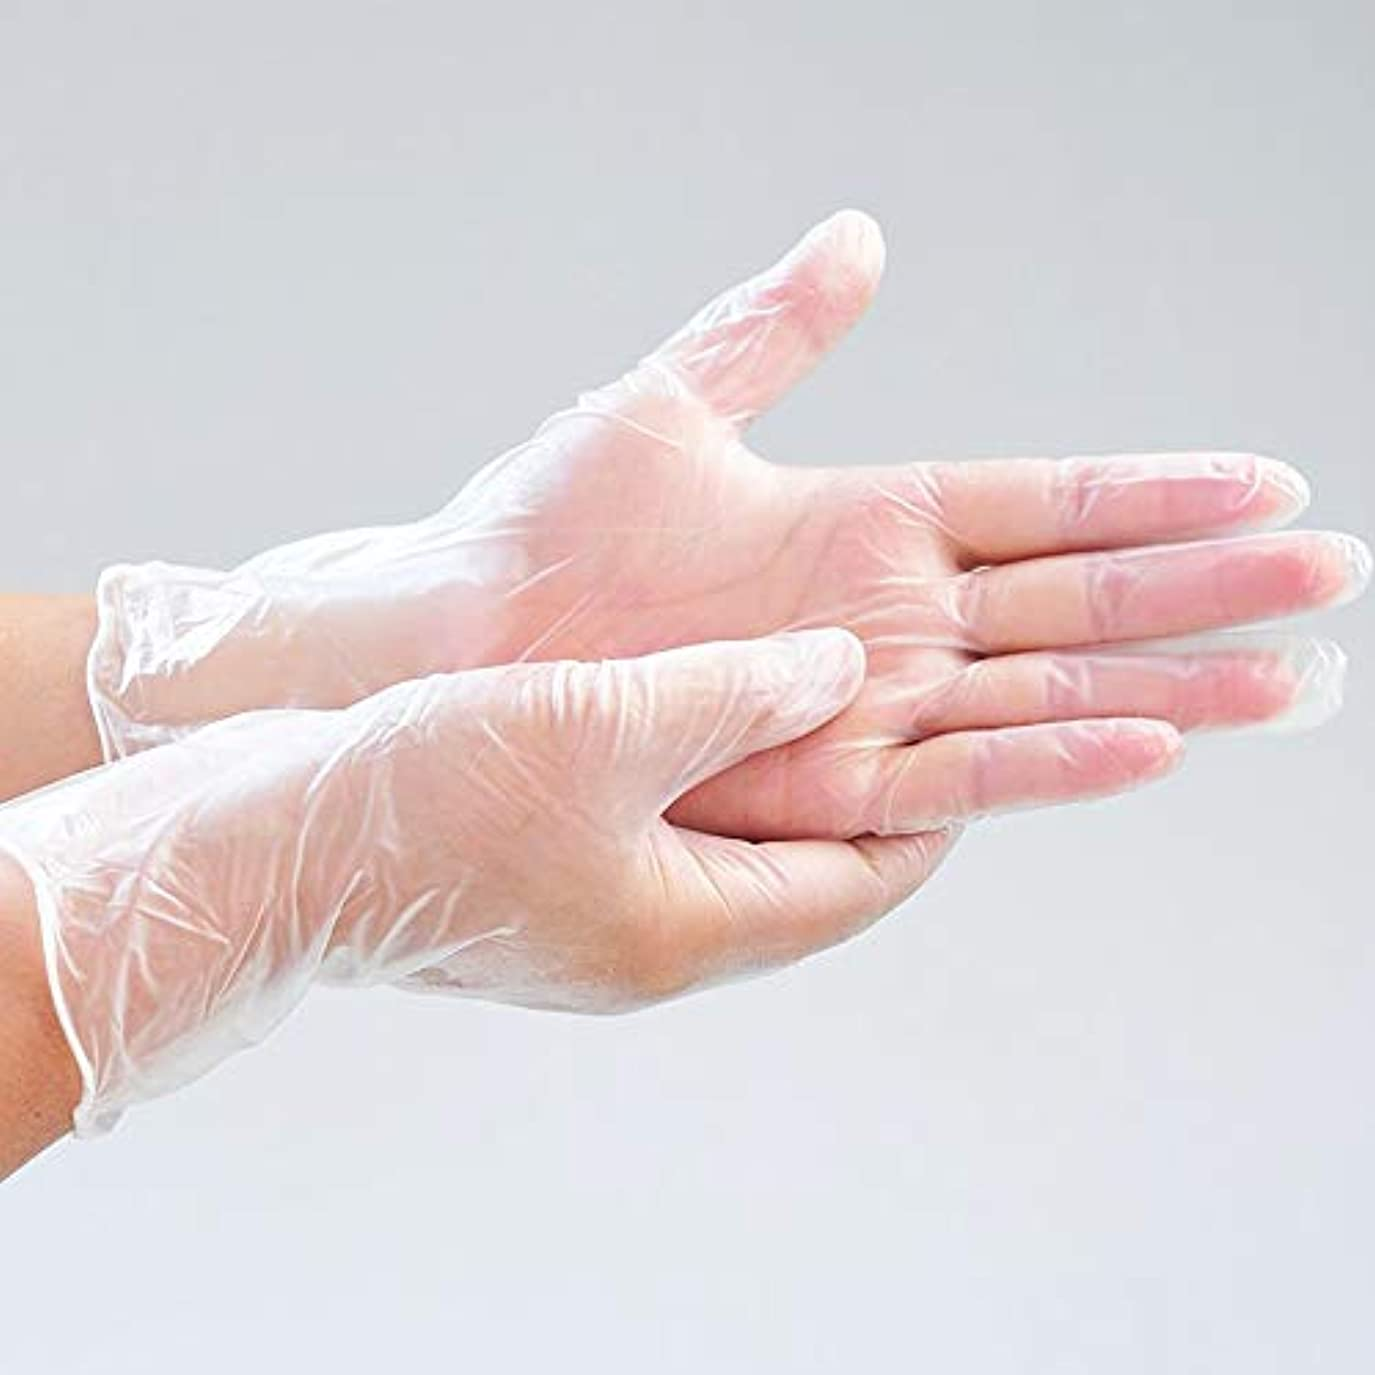 ブレス感情石灰岩OWSOO 使い捨てグローブ 使い捨て透明PVC手袋 パウダーフリー 肥厚 防水用 実用 衛生 使い捨て手袋 高温抵抗 引張抵抗 実験室 歯科 炊事 家事 バーベキュー ケータリング ホーム用 透明 100ピースM